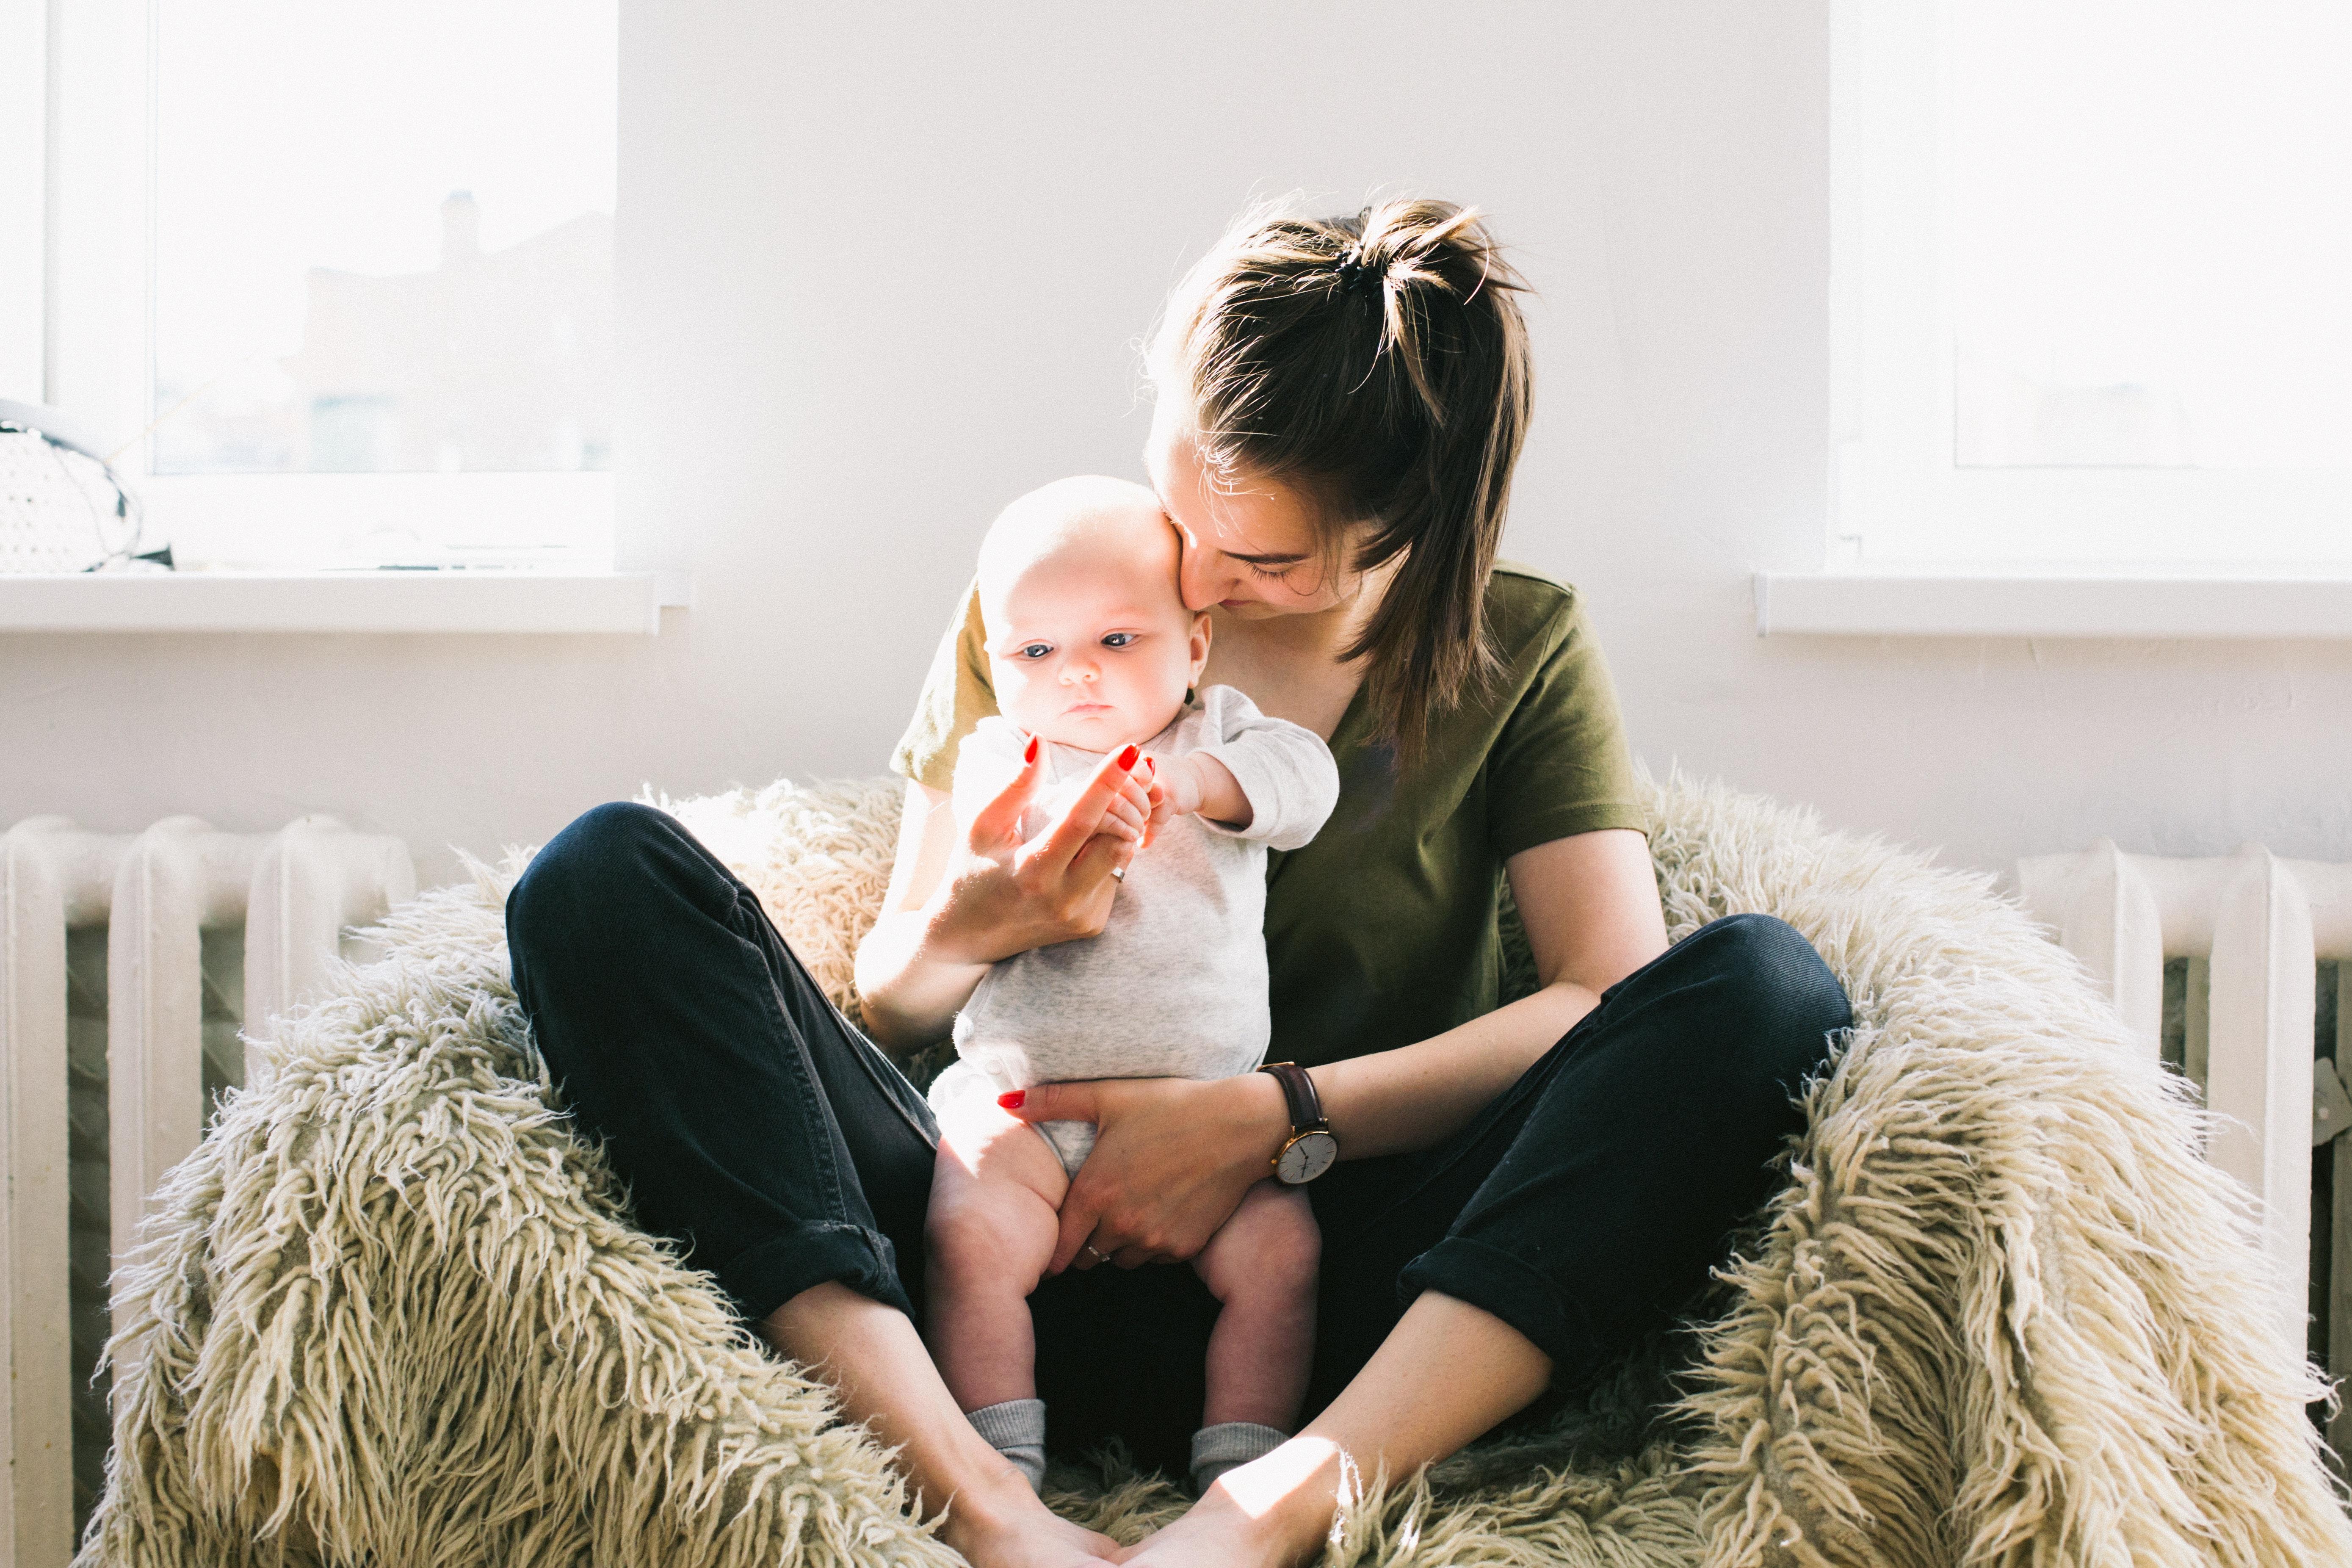 媽媽感冒,可以餵寶寶喝母乳嗎?